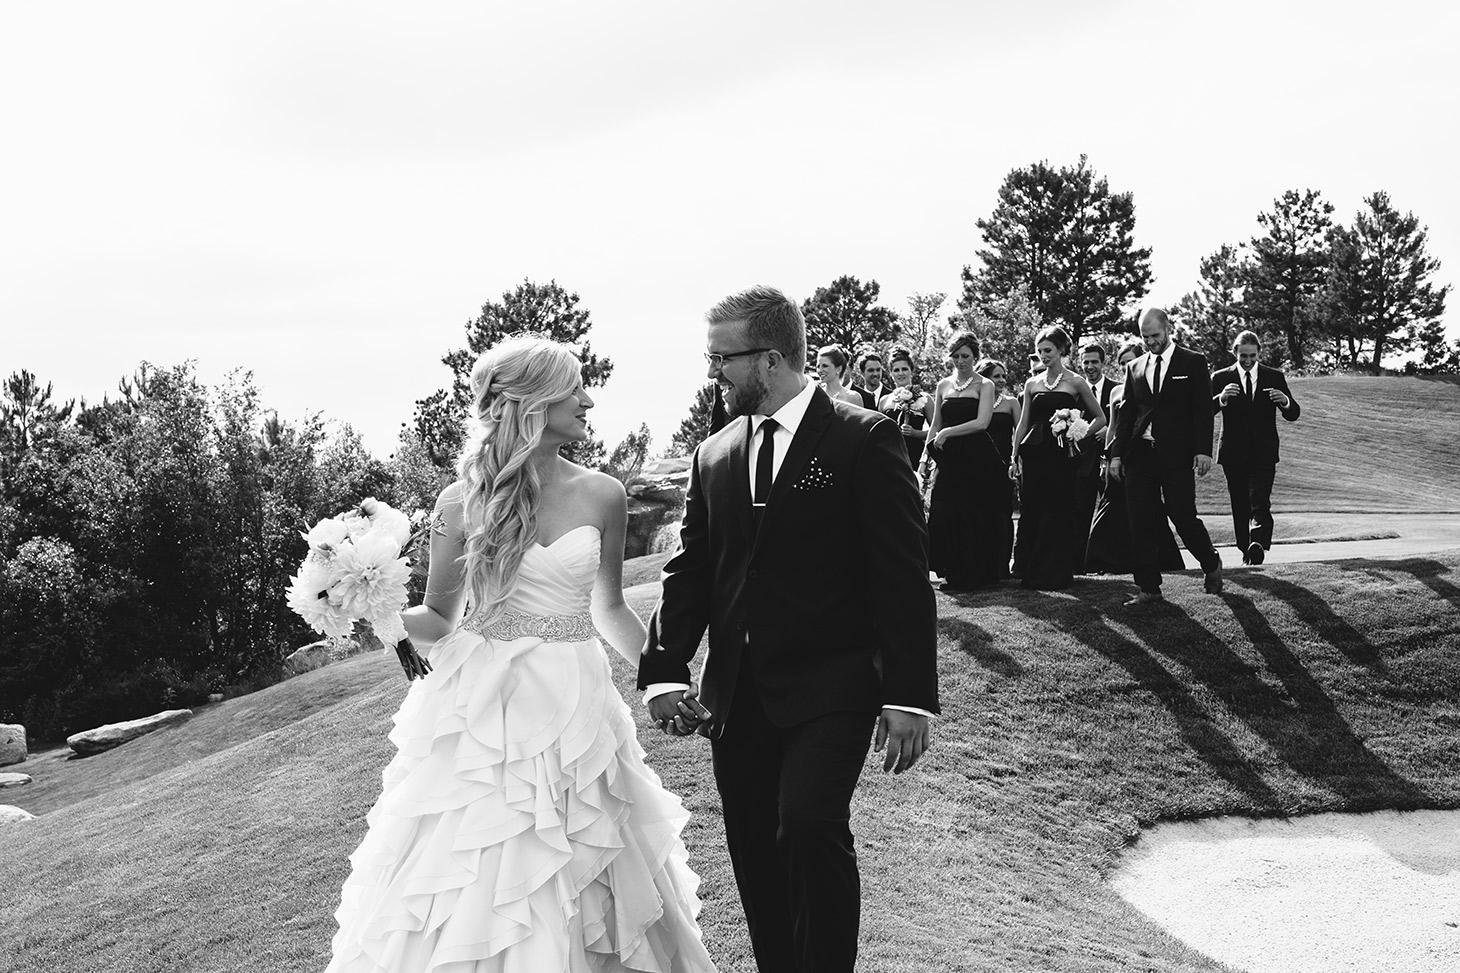 Megan-Newton-Photography-Best-Wedding-Photos-2015-290